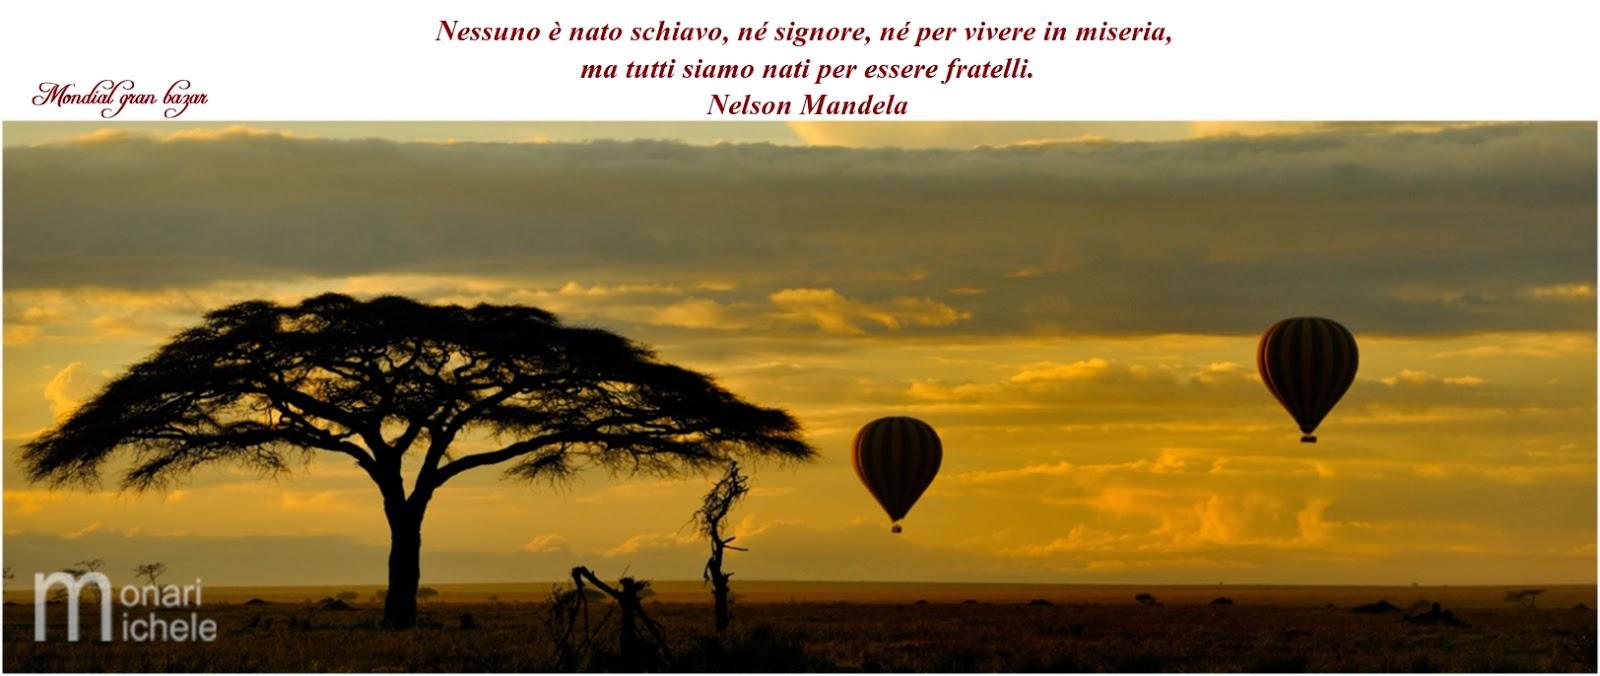 La Verita E Coraggio Aforisma Sulla Libertà Di Nelson Mandela